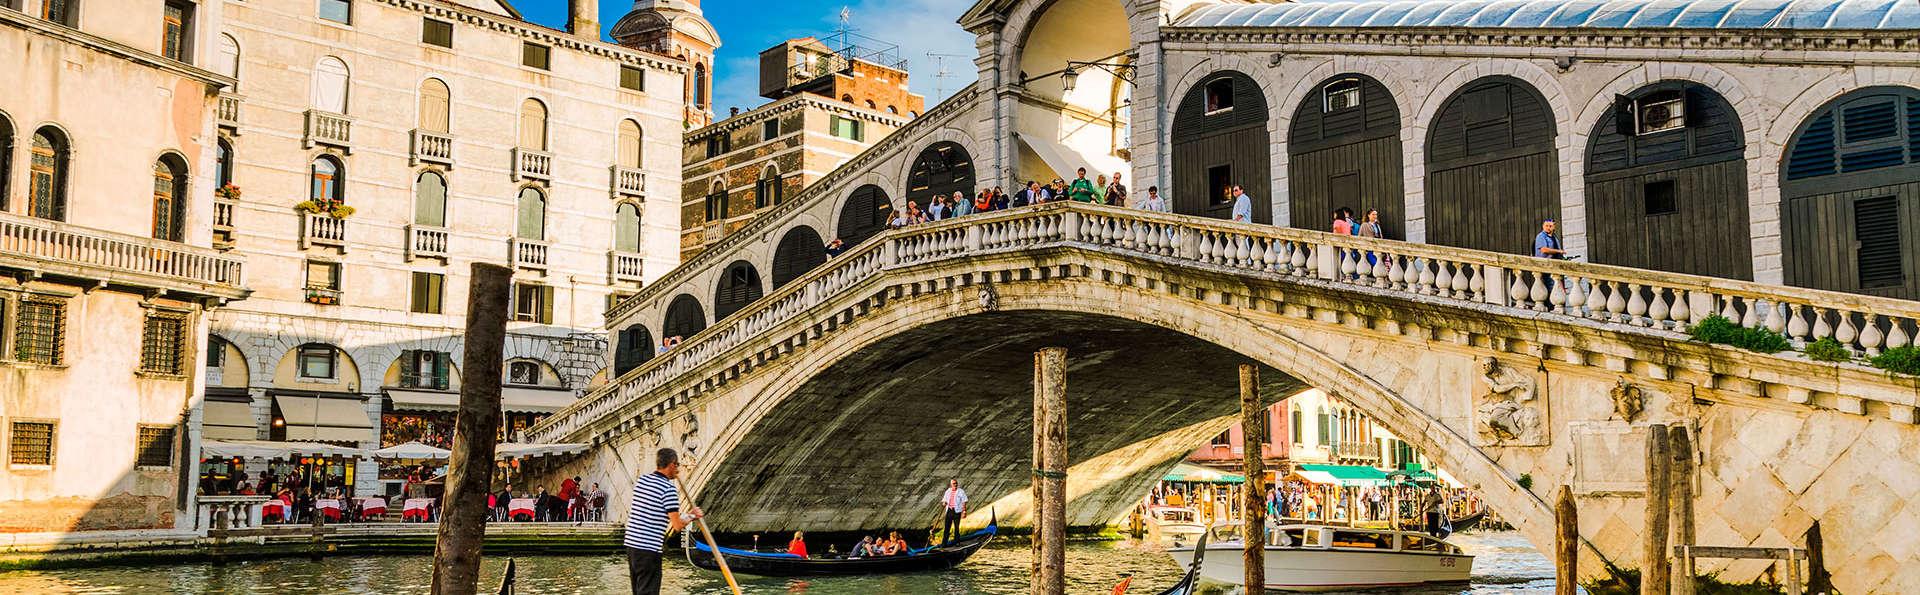 Offre Black Friday : séjour avec tour en gondole, à deux pas de Venise !